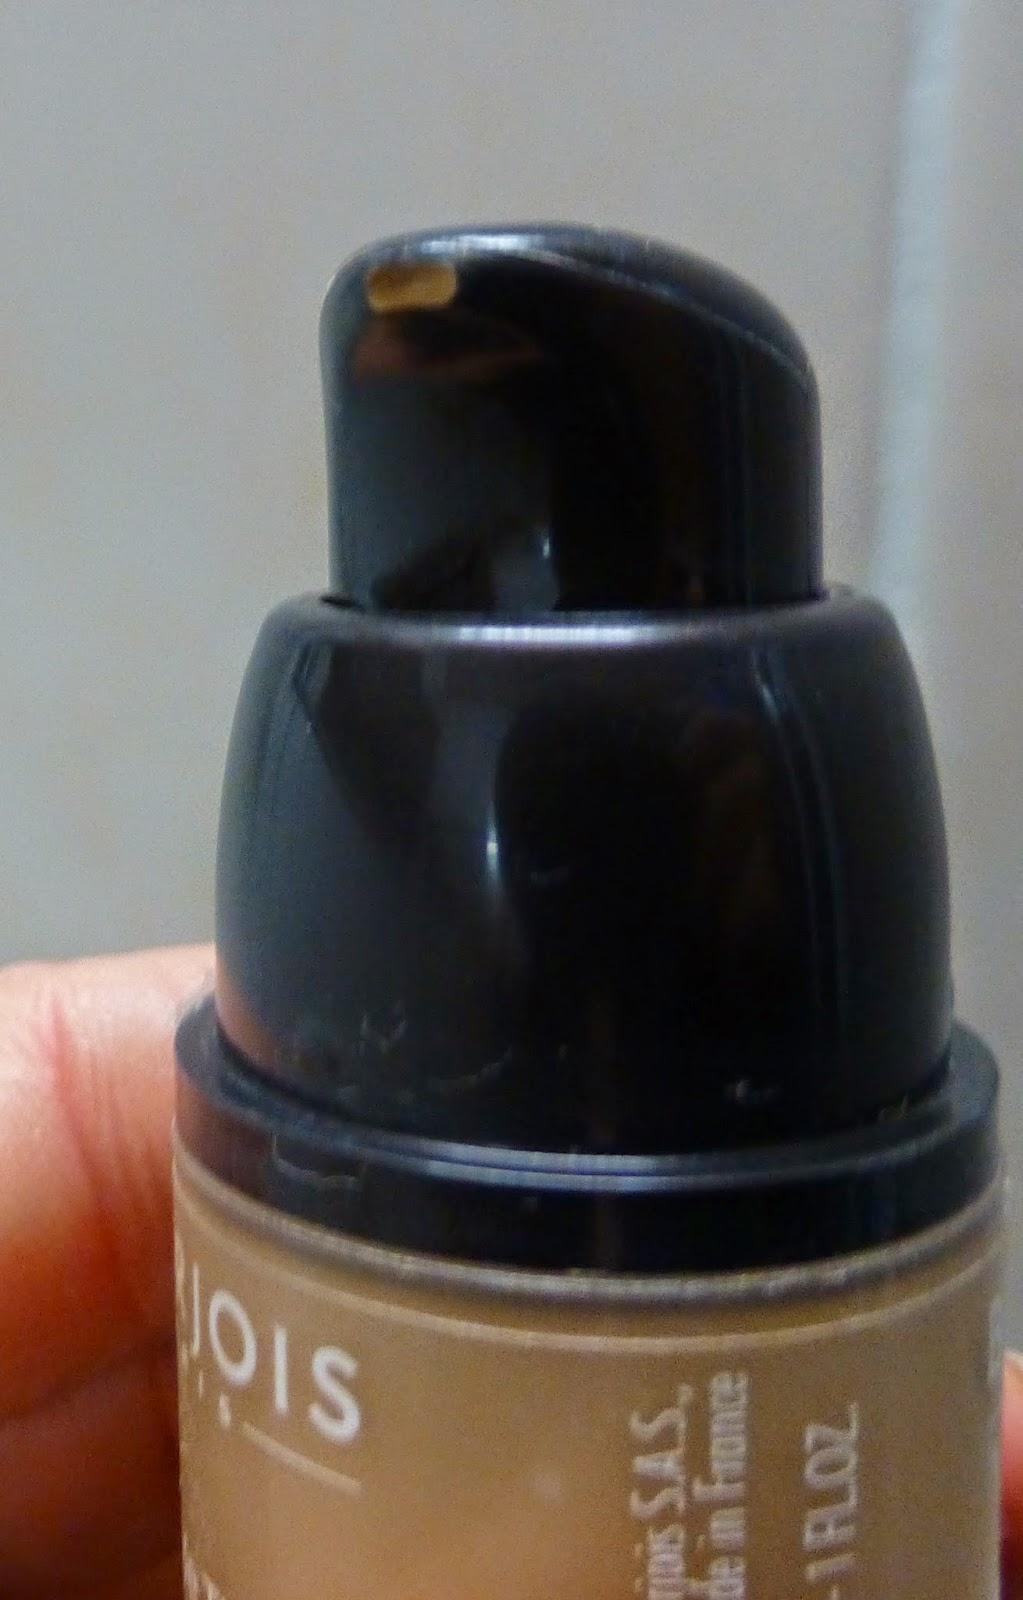 Bourjois Healthy Mix Foundation pump dispenser